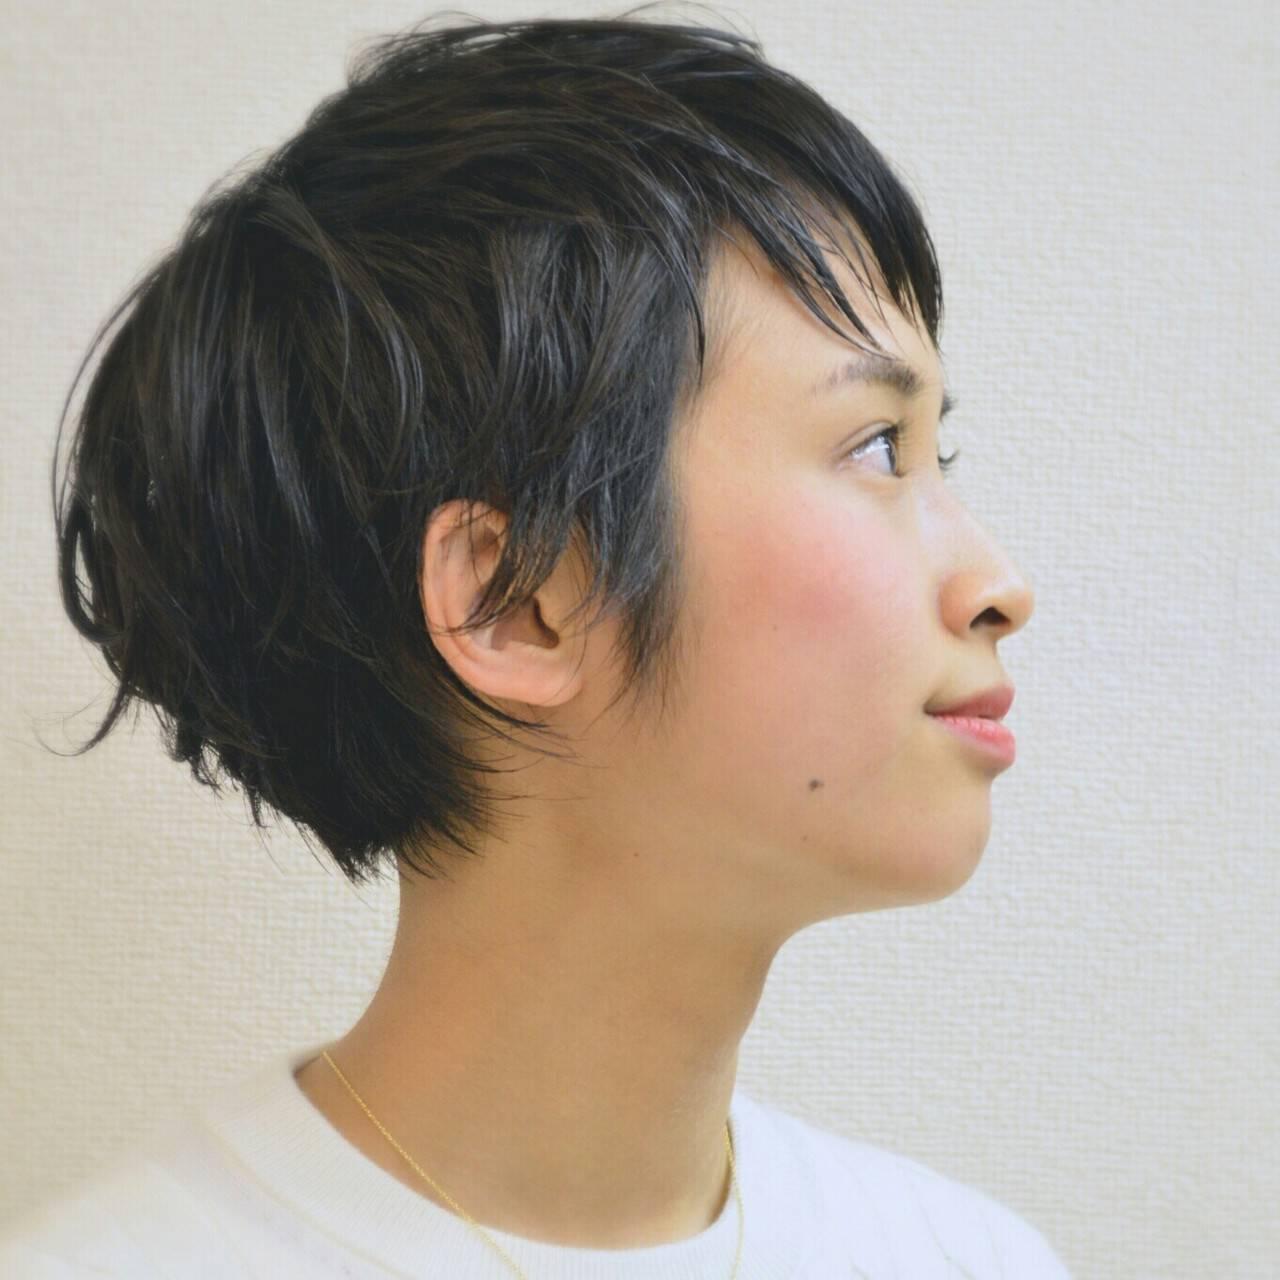 レザーカット 大人かわいい 黒髪 ショートヘアスタイルや髪型の写真・画像